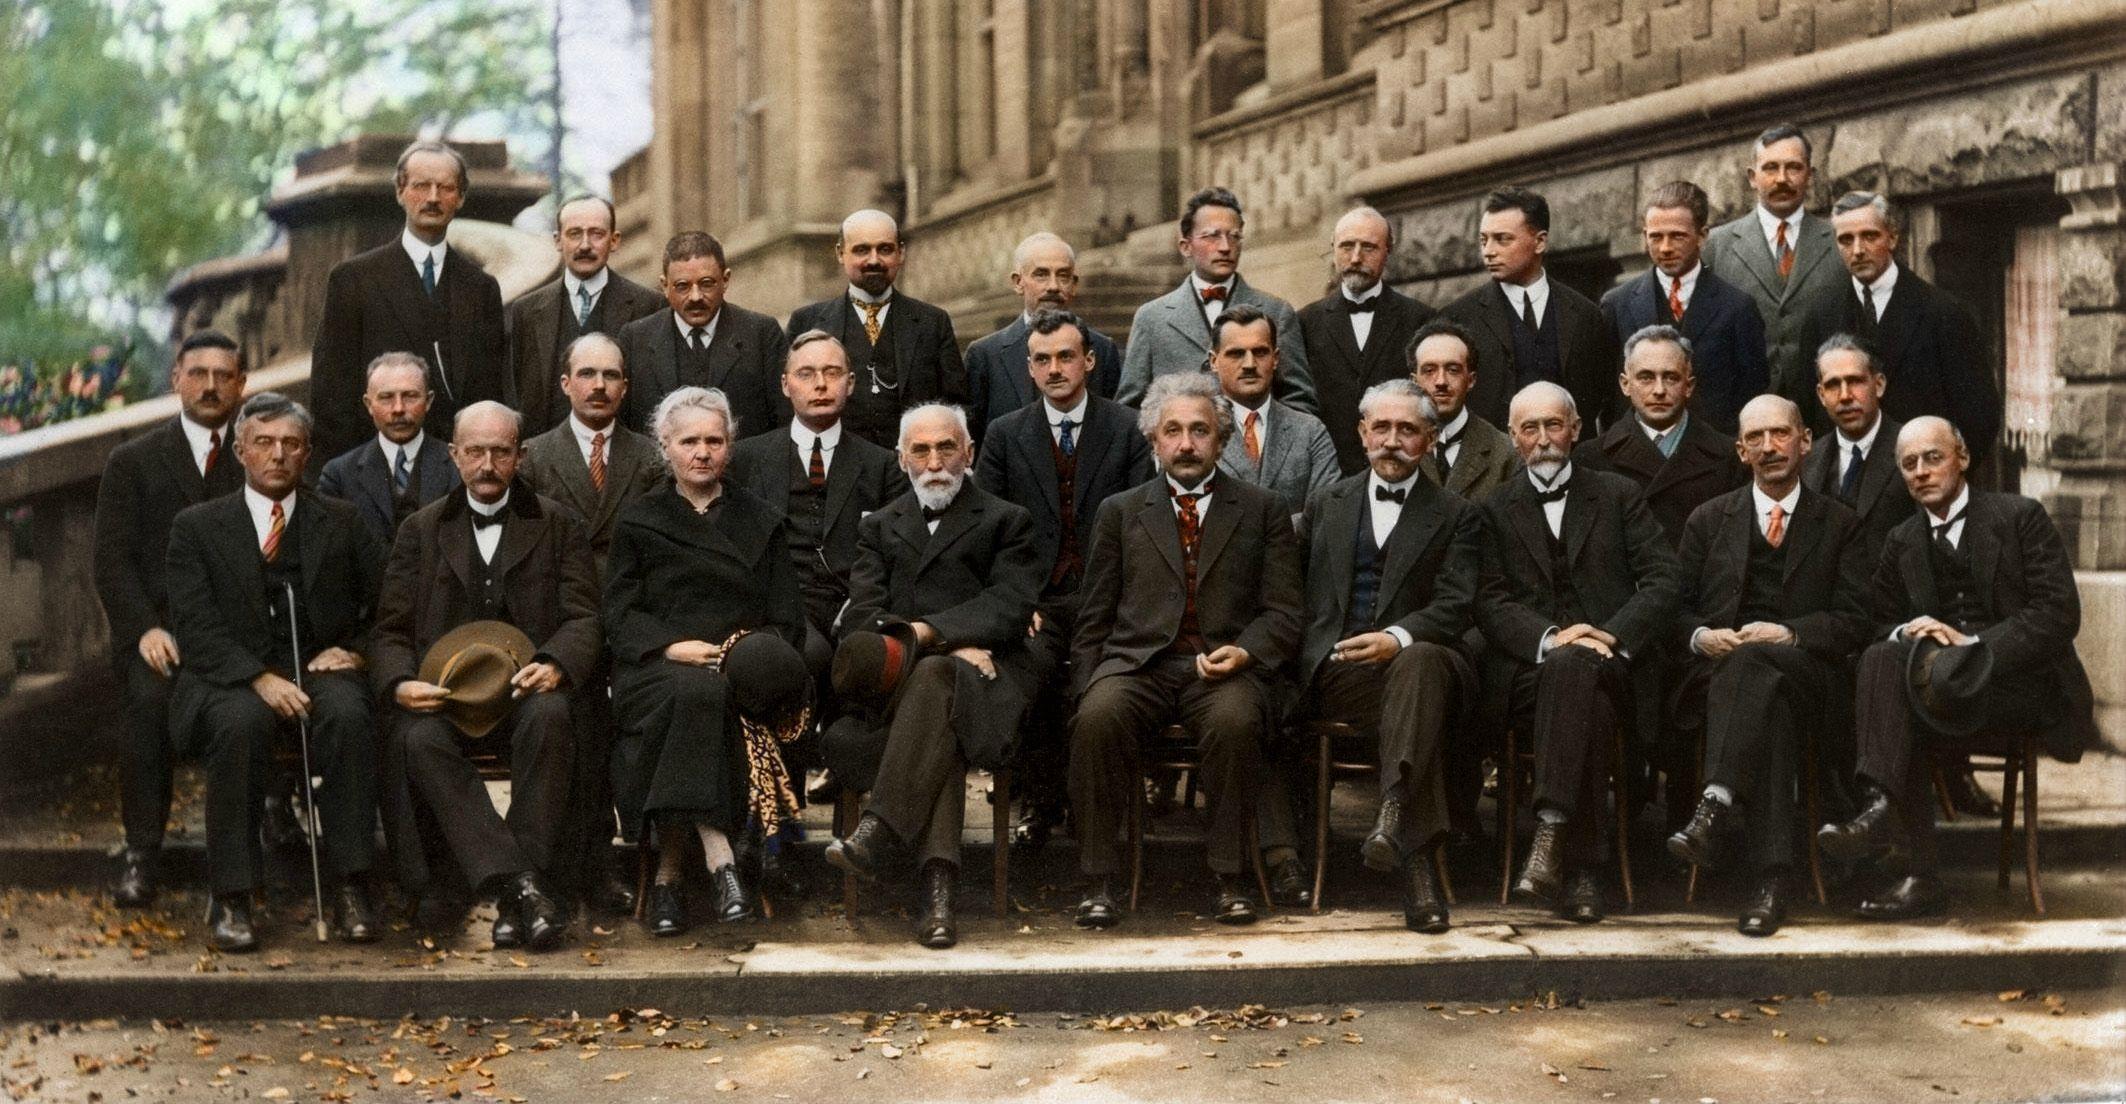 1927年第五届索尔维会议照片彩色高清修复版